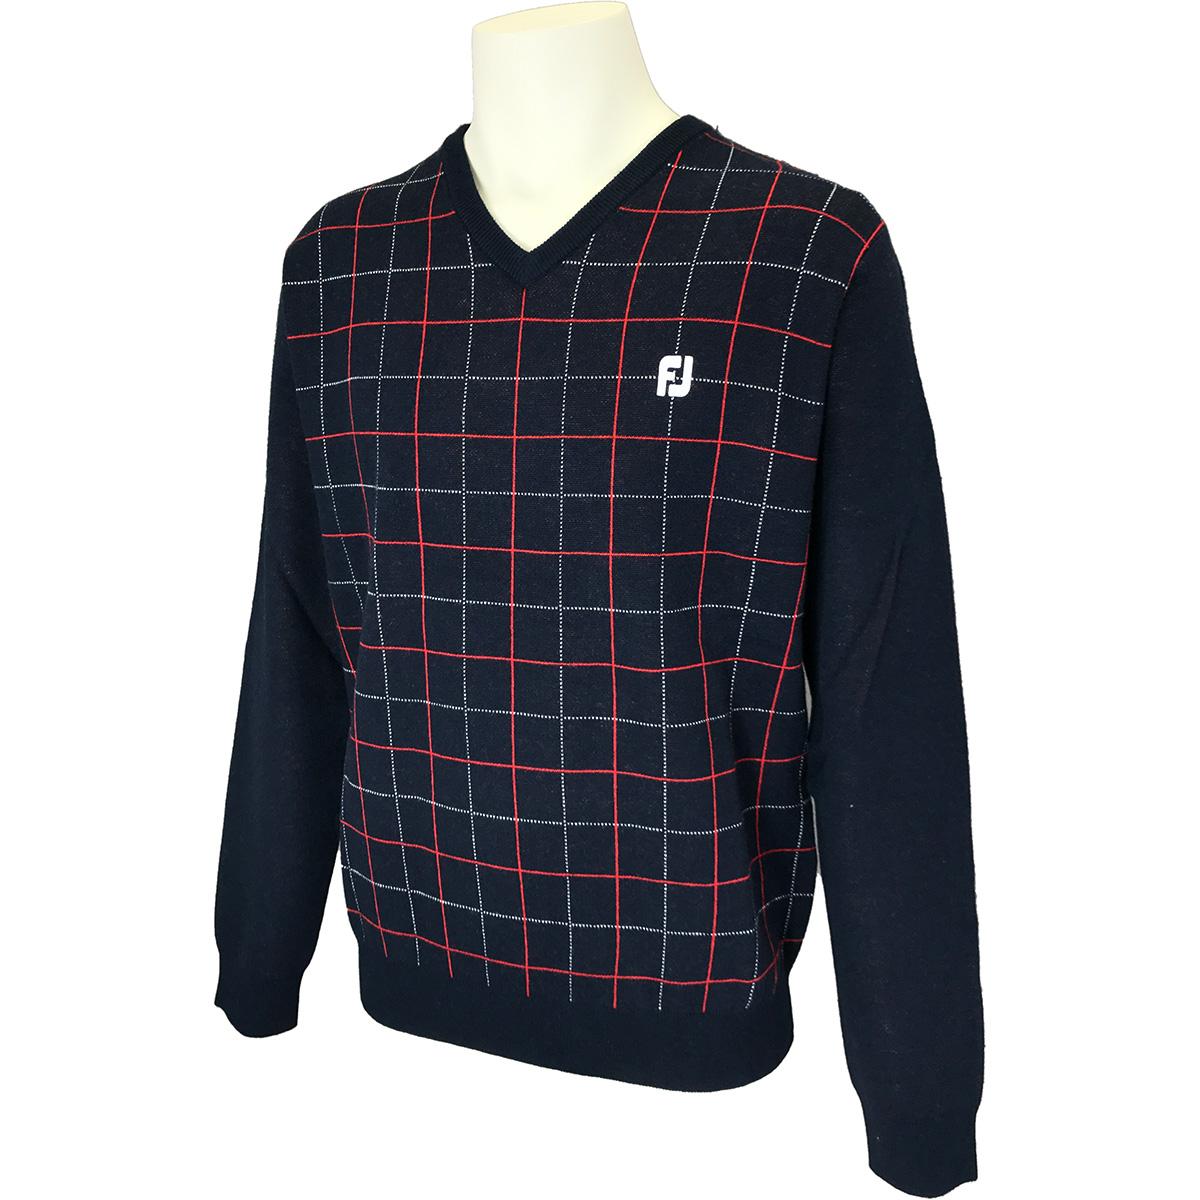 ウインドウペーンチェックVネックセーター